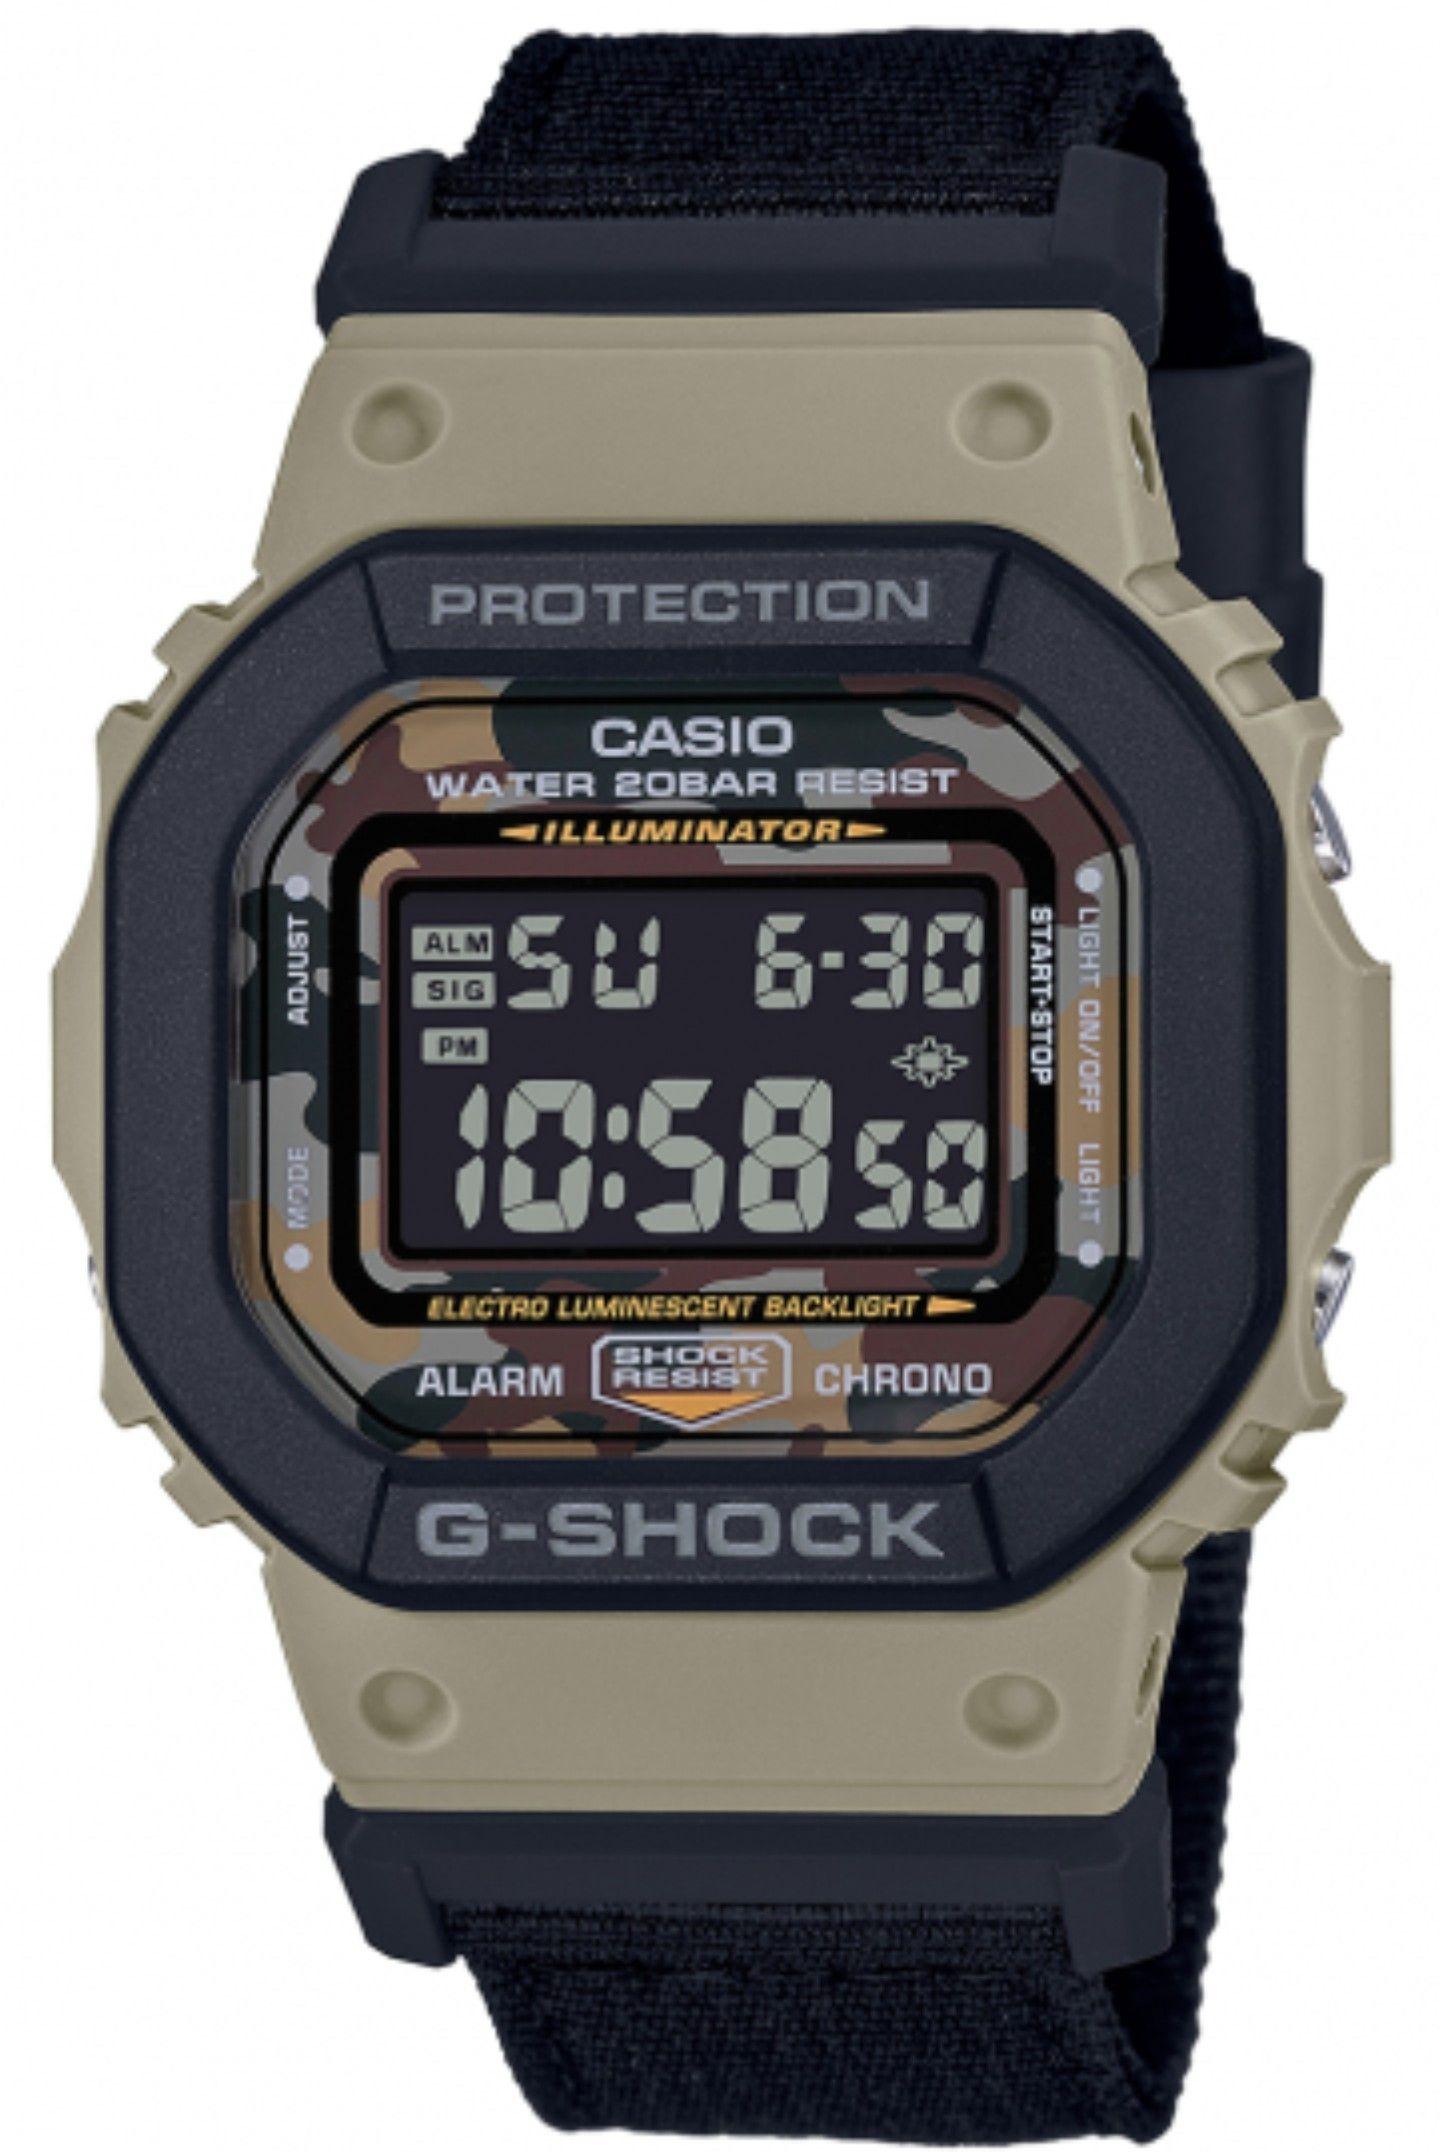 Casio G-SHOCK Square DW-5610SUS-5ER £64.50 @ Casio